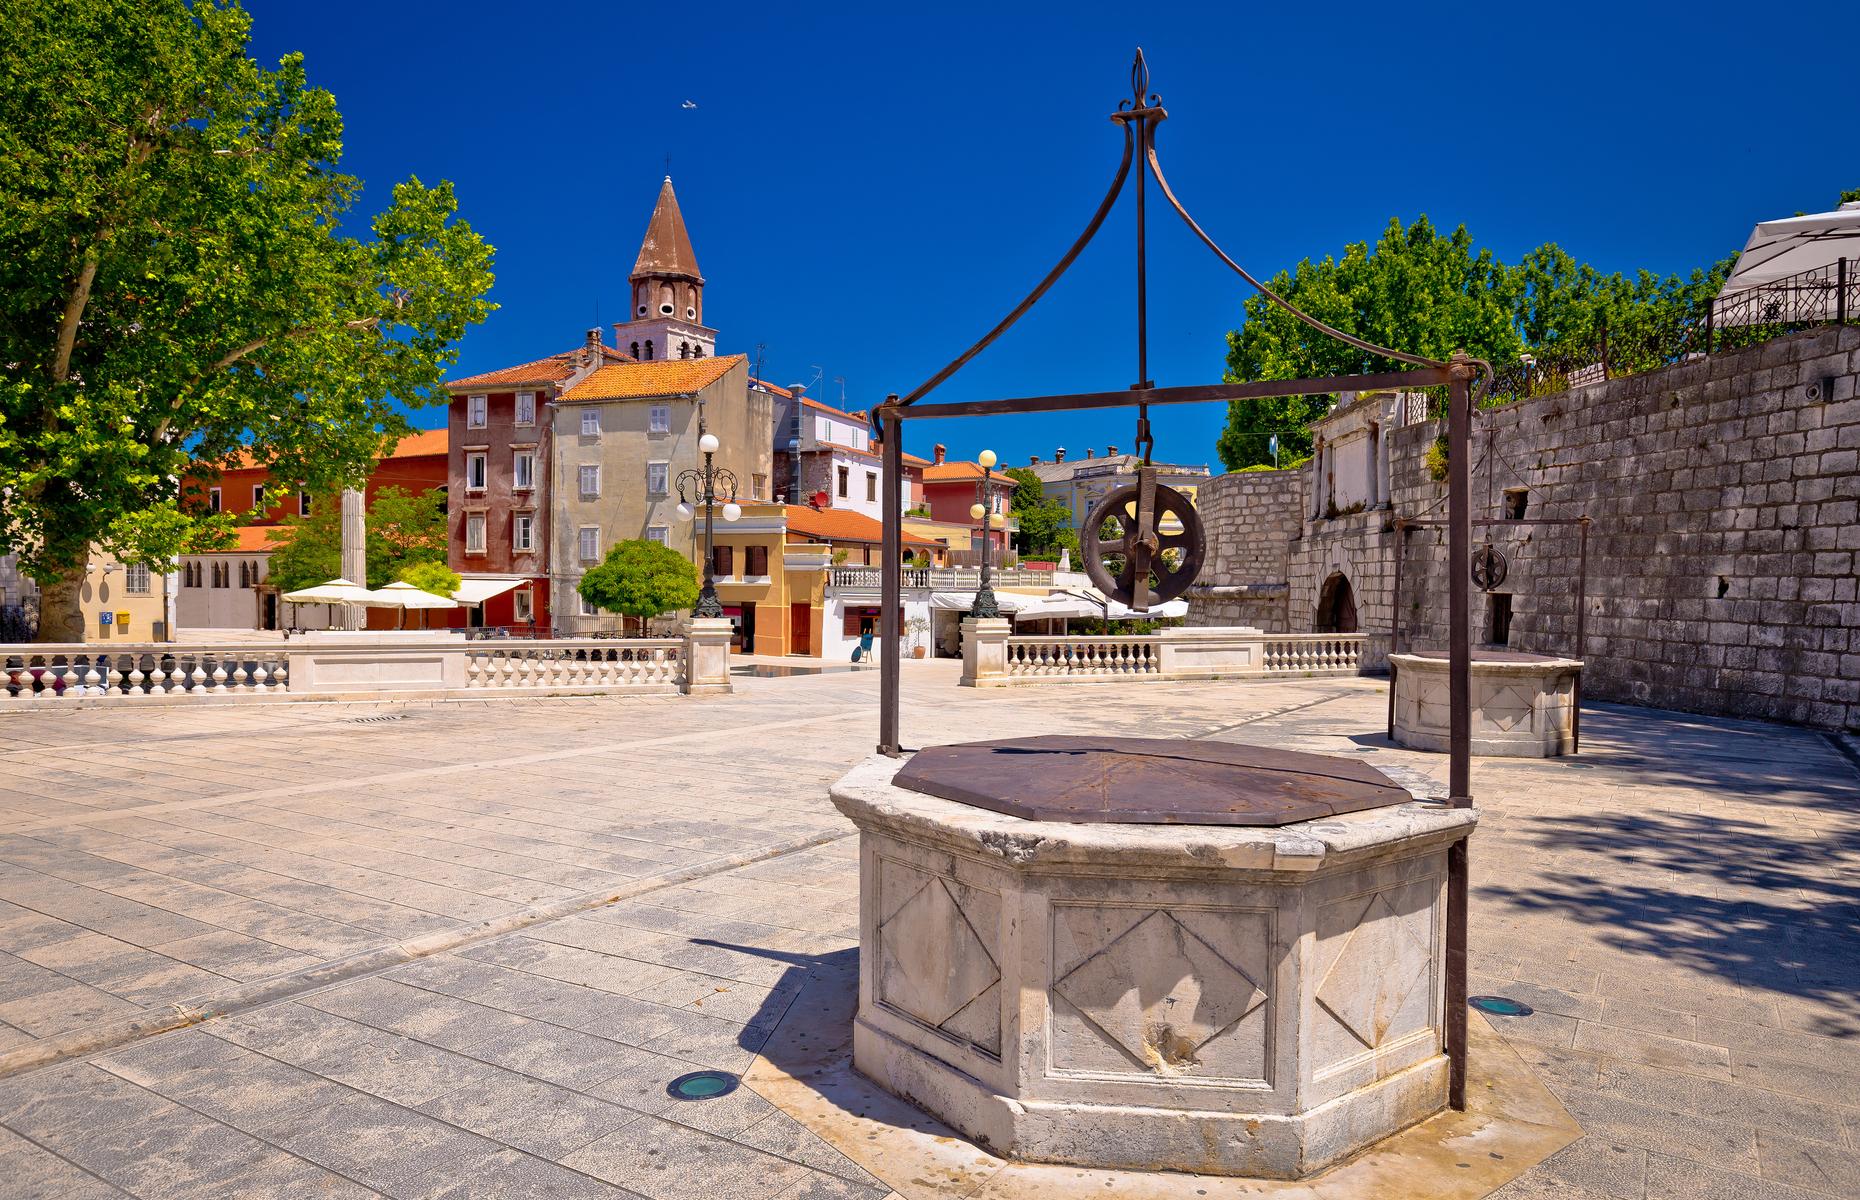 Zadar ancient architecture